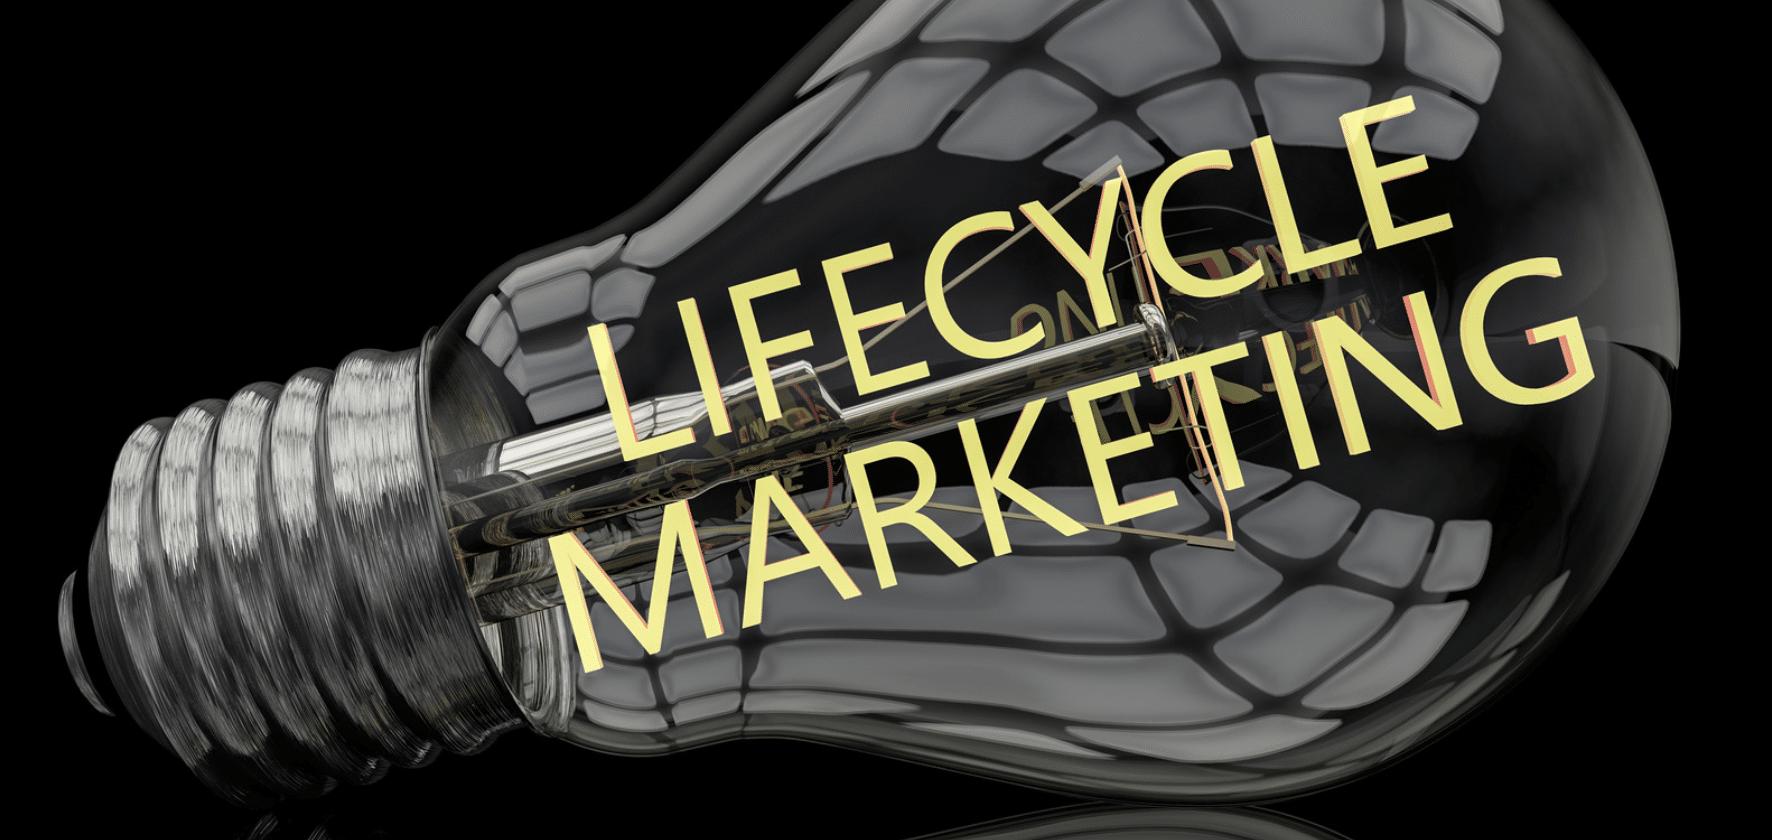 lifvscykelmarknadsföring